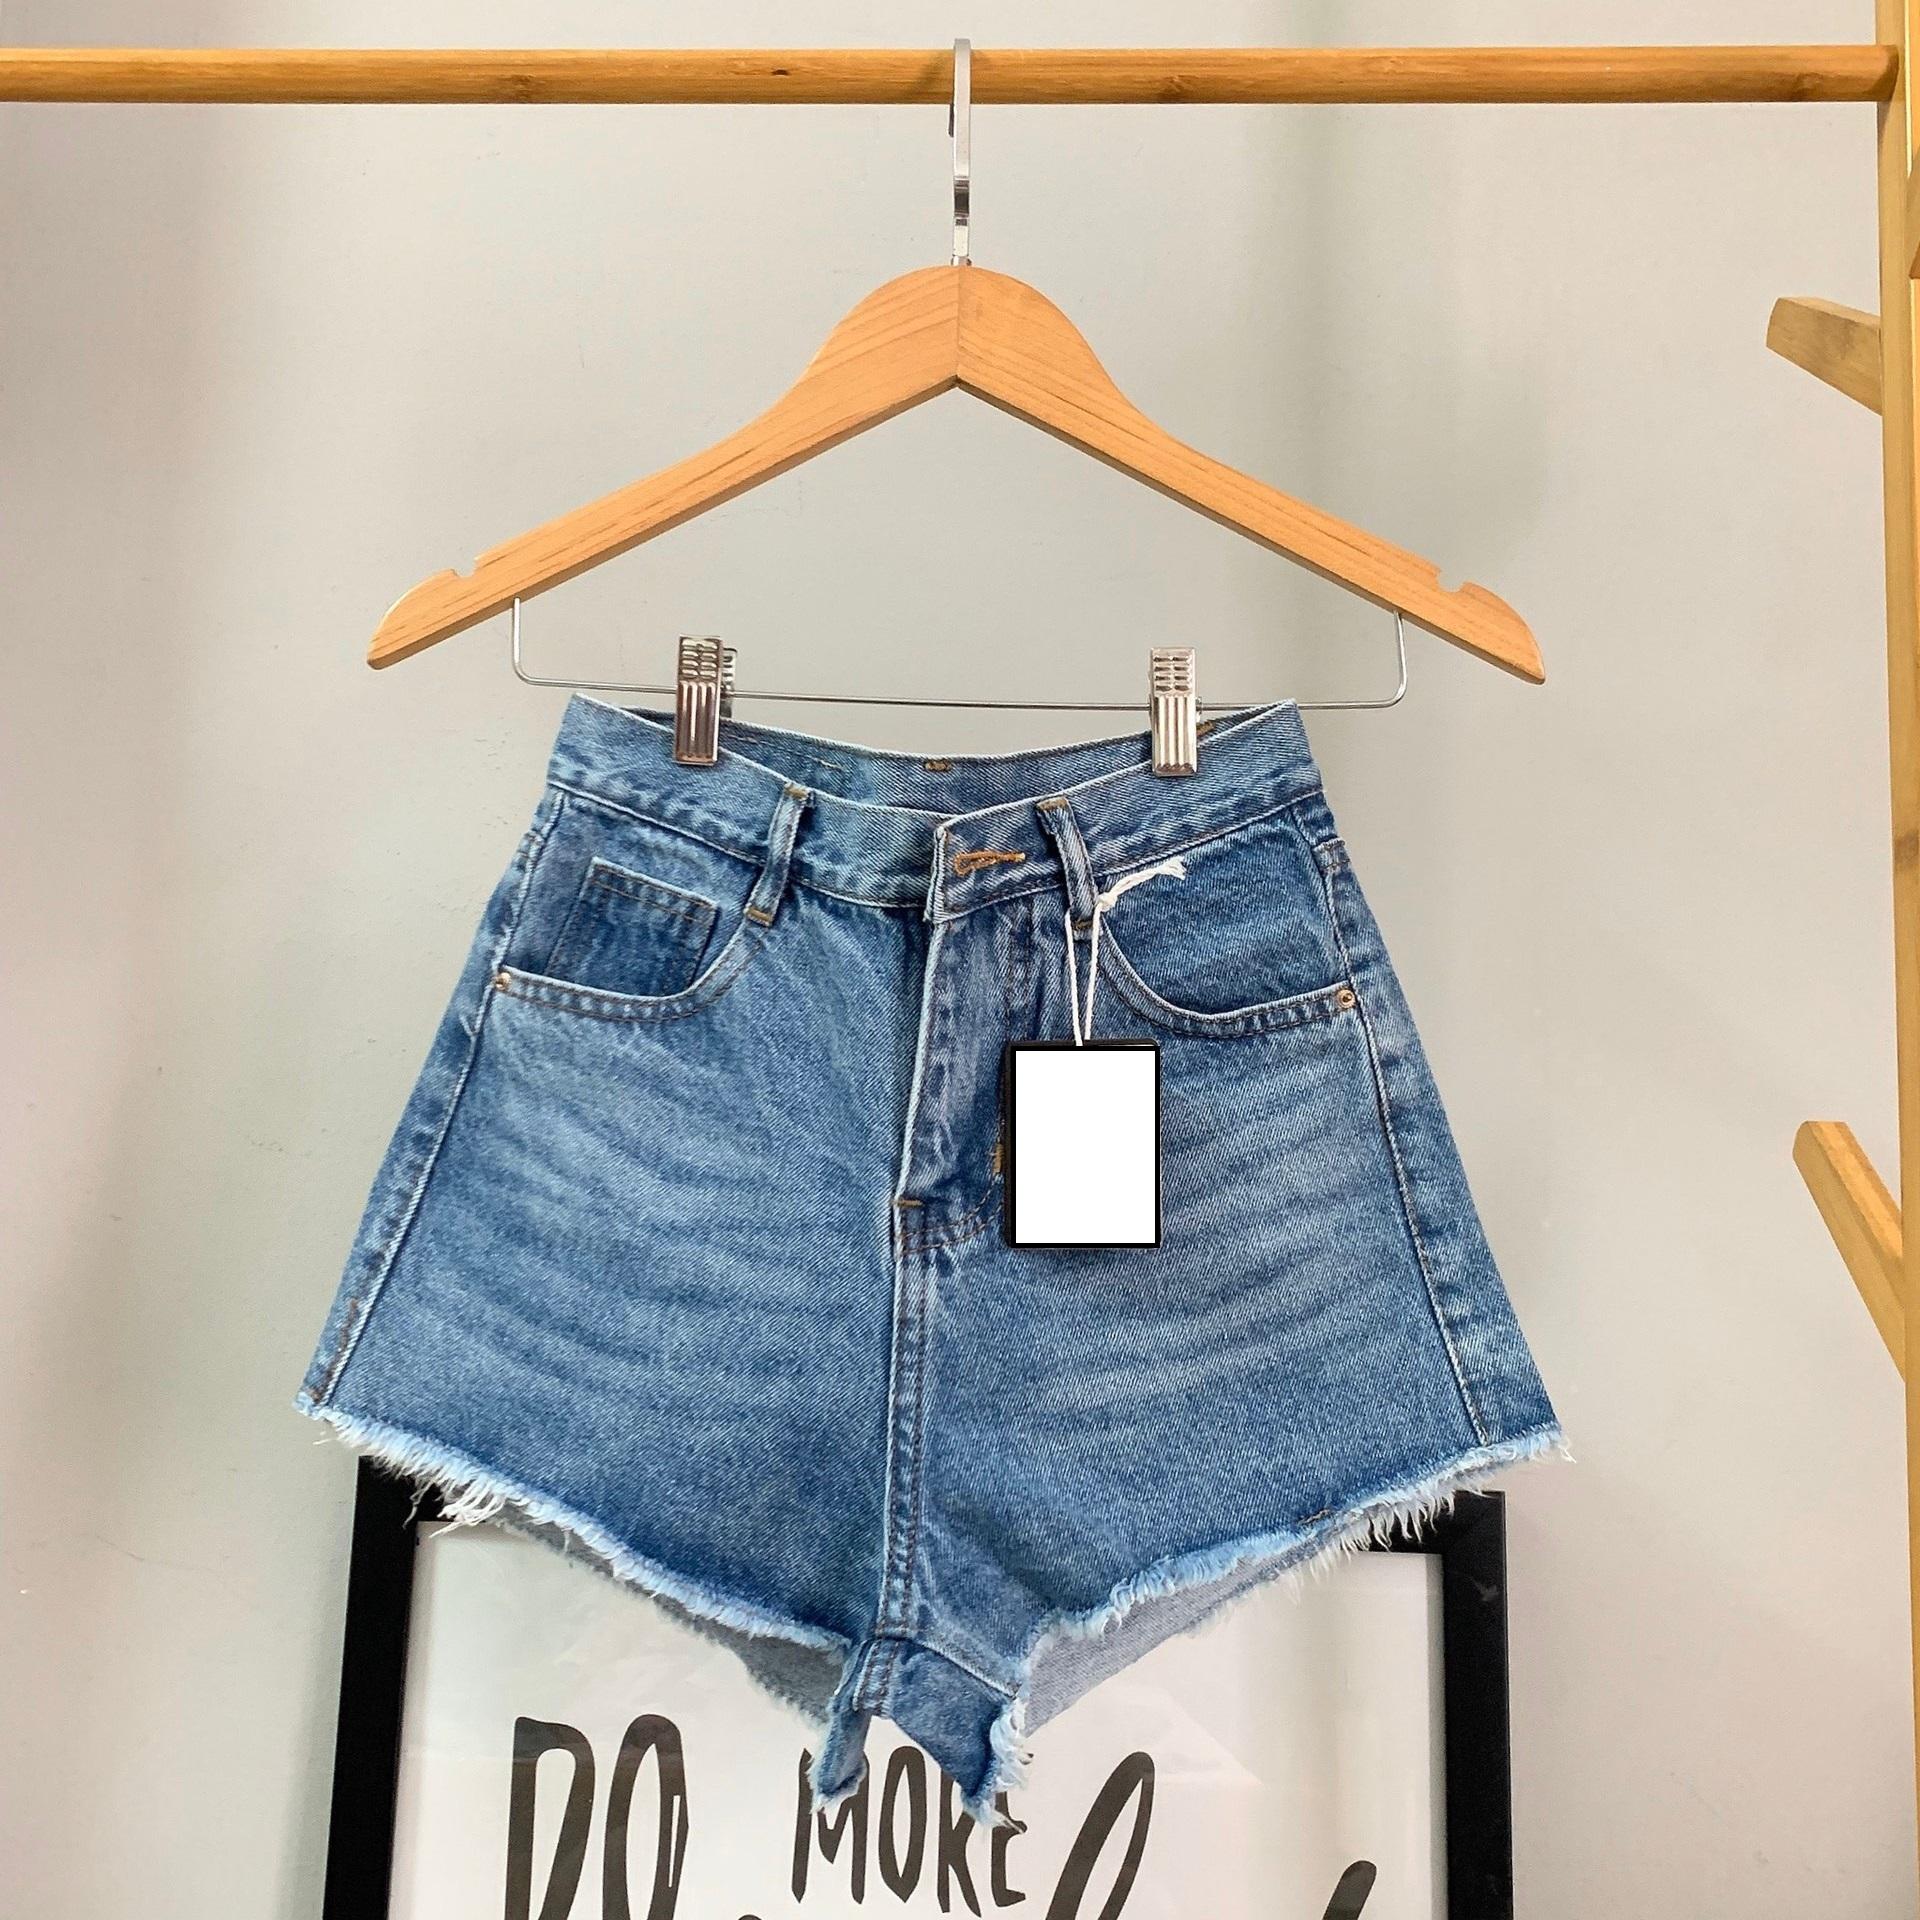 Quần short nữ chất jean cotton lưng cao M06 Julido, thời trangg trẻ trung một màu họa tiết trơn phối rách tua co dãn nhẹ có 3 kích thước 1